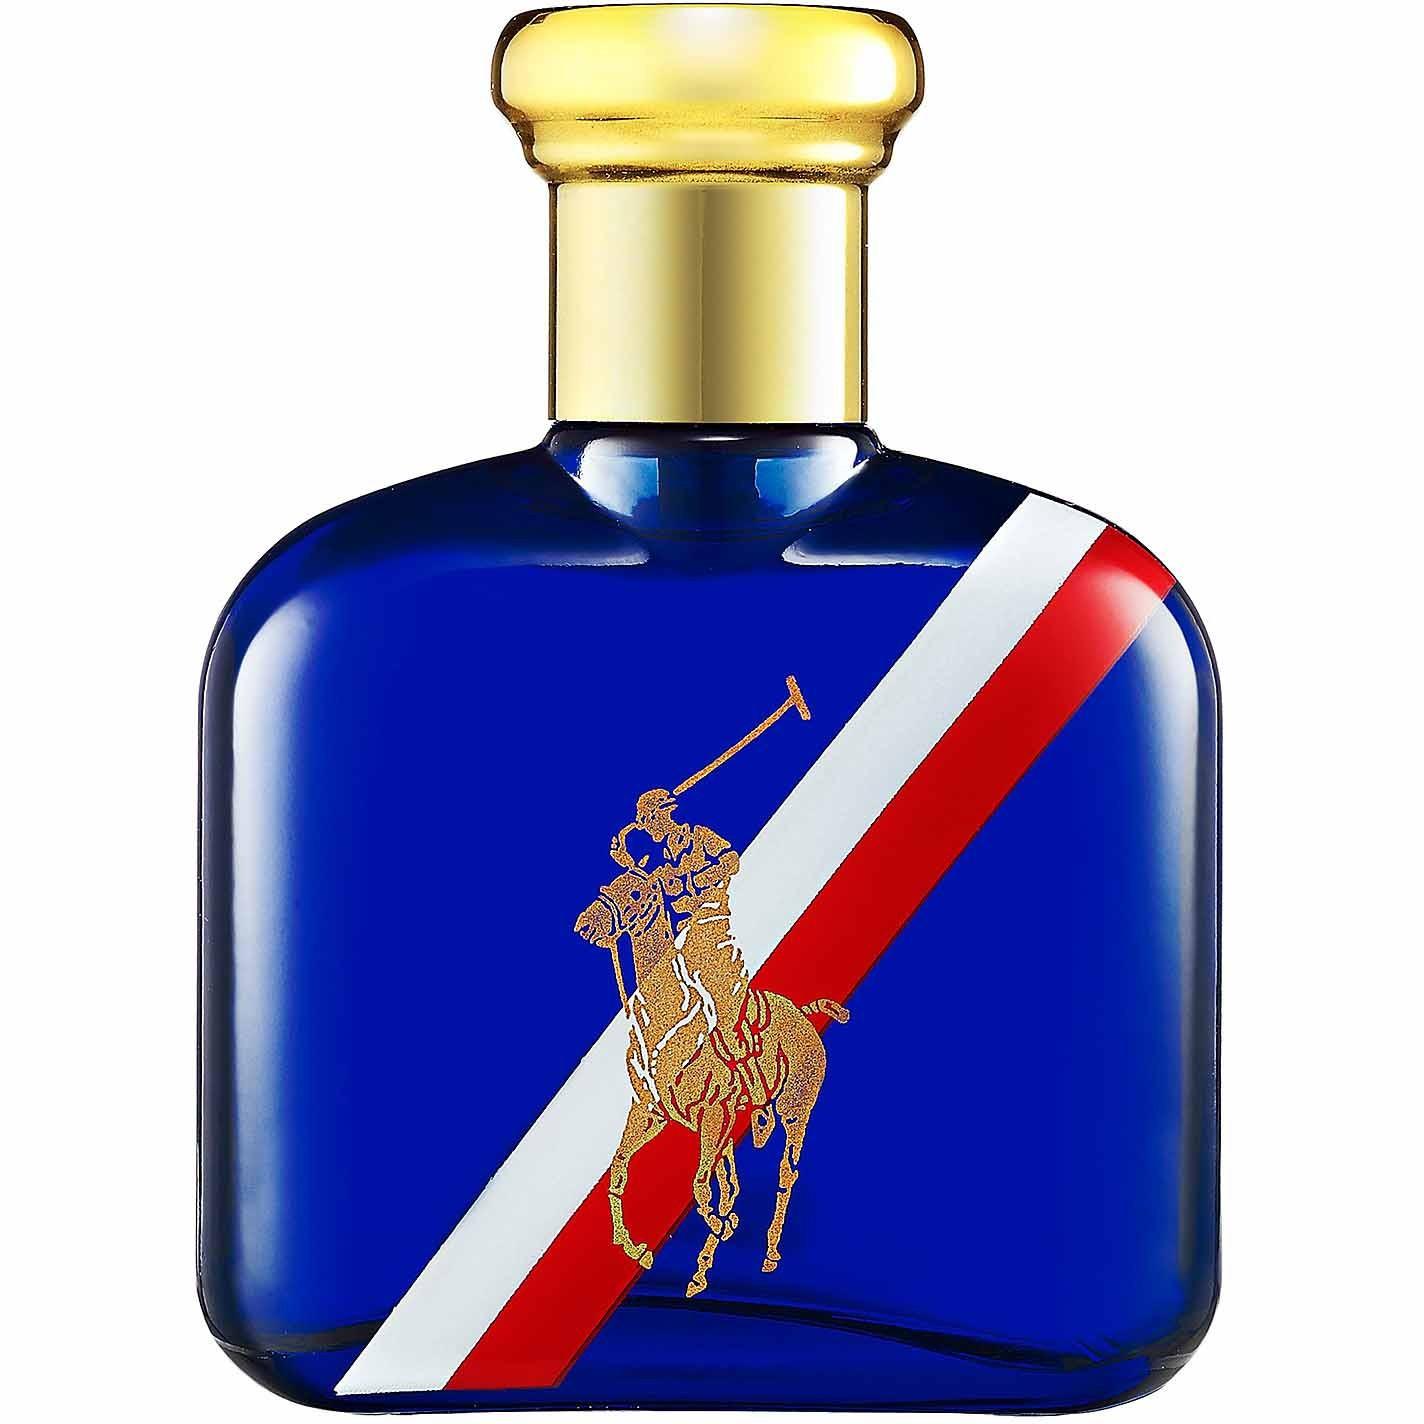 Ralph Lauren Polo Red White & Blue аромат для мужчин